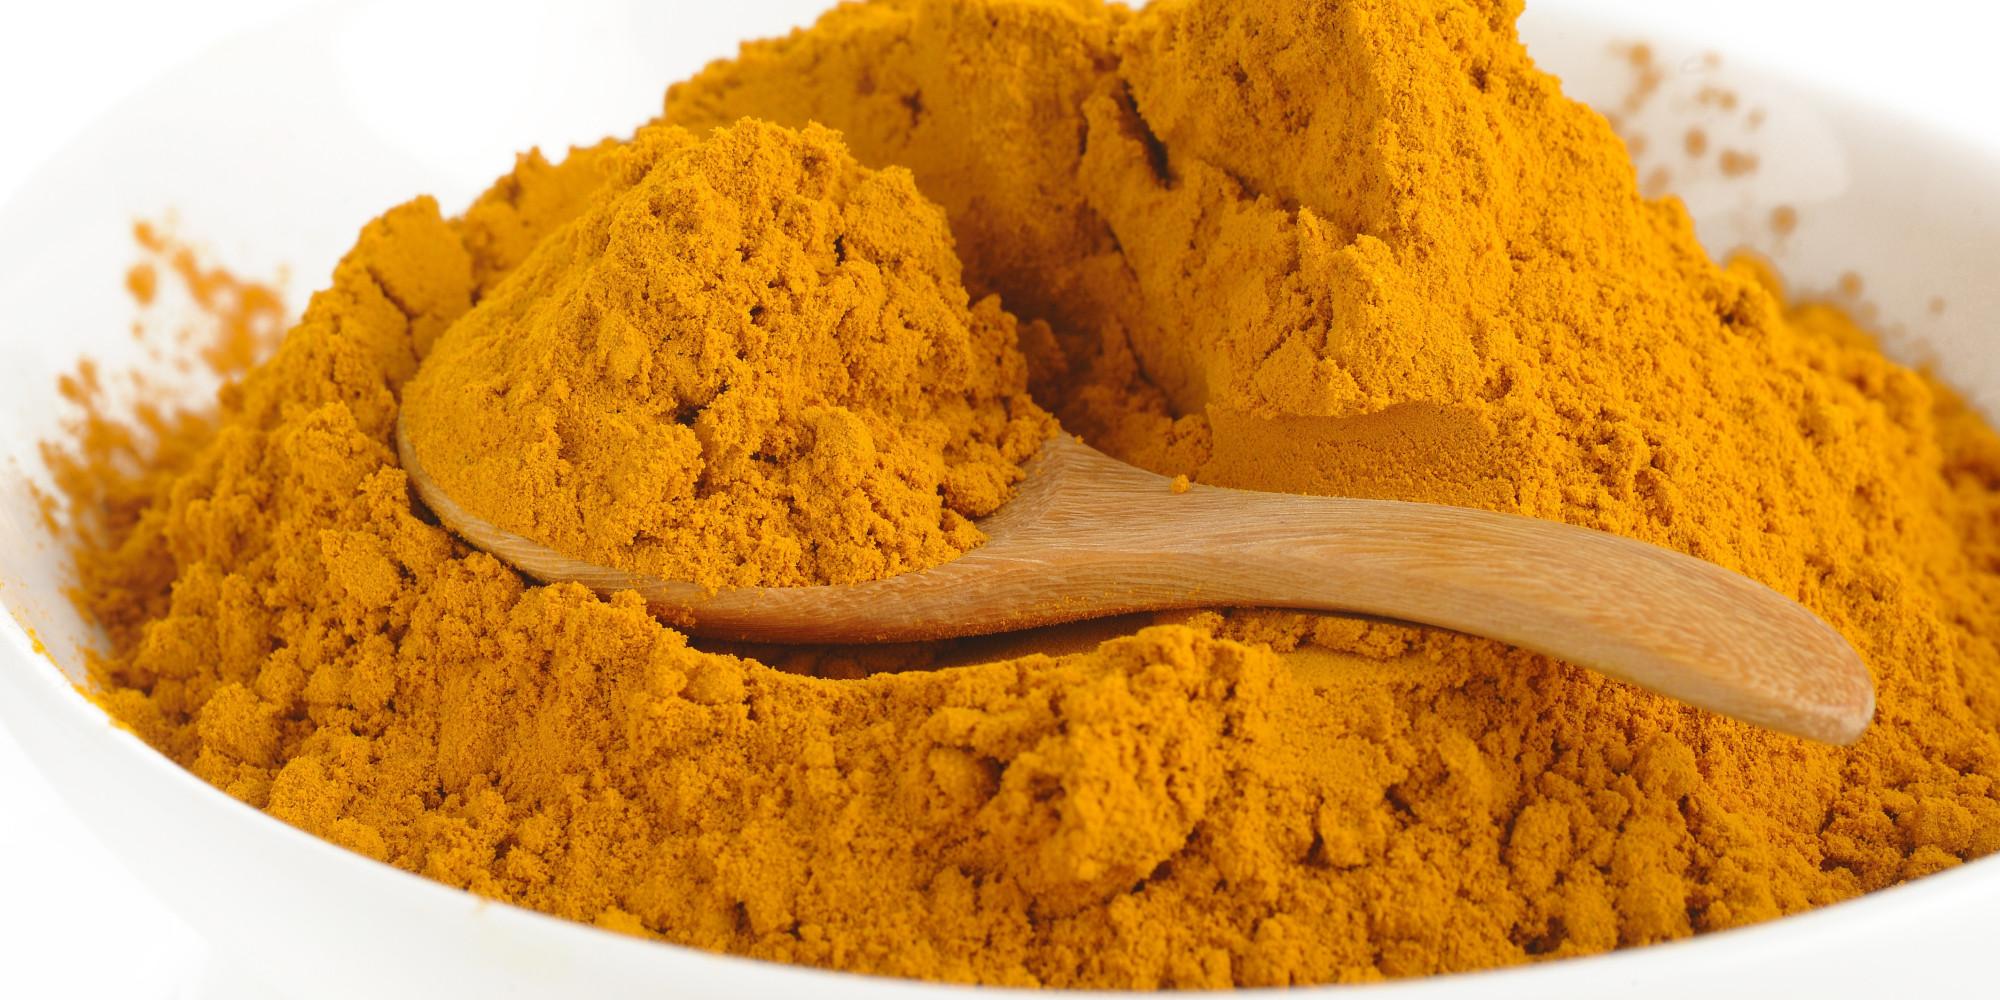 Turmeric  Anti-Inflammatory, Antibacterial, Antimicrobial, antioxidant, whitener, kills germs